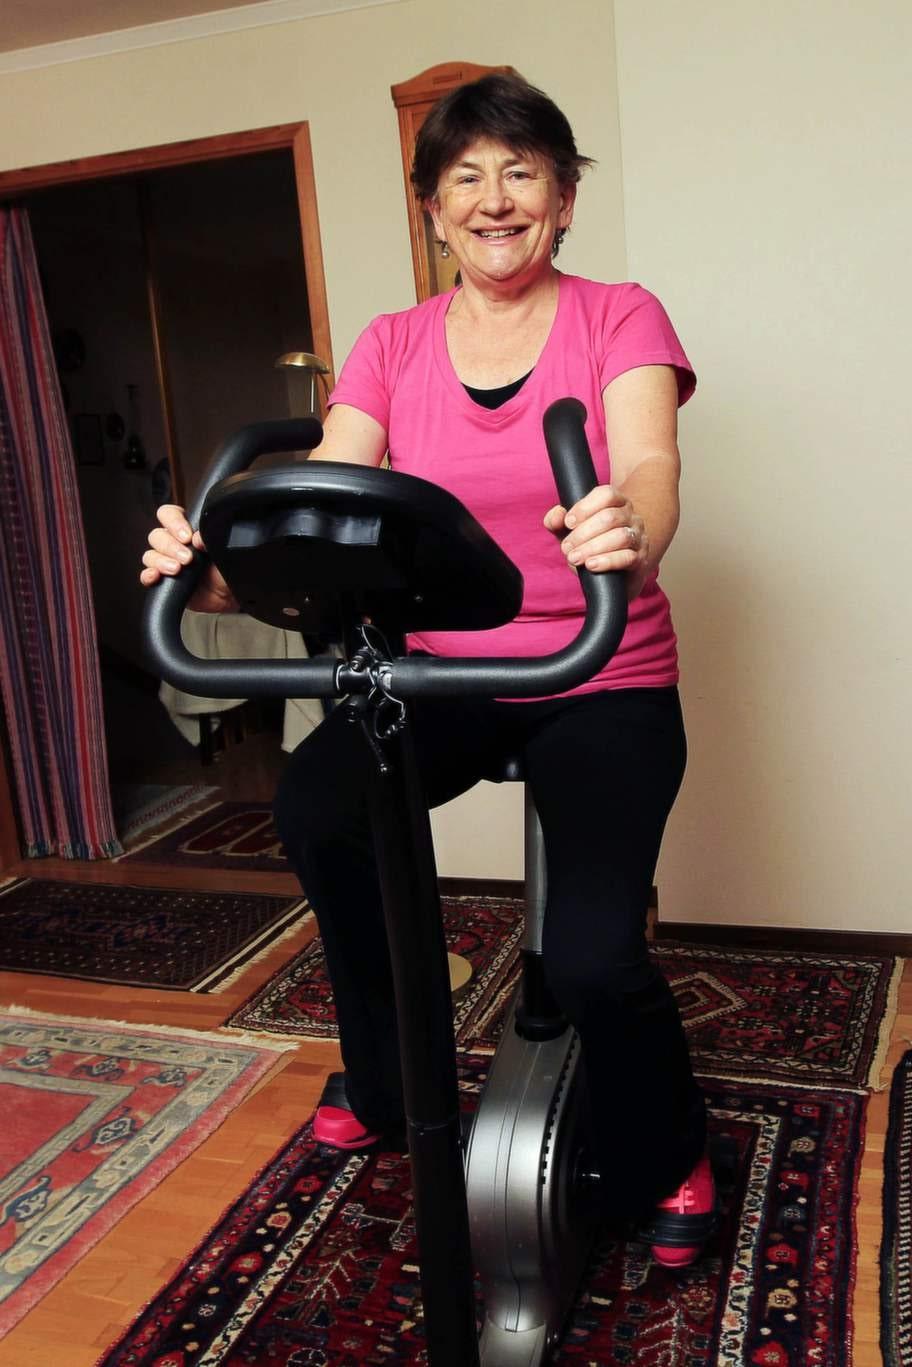 """TRÄNAR DAGLIGEN. Danica Axelsson försökte vila bort sina smärtor. Men efter besök hos läkaren, fick hon rådet att börja motionera. Nu kör hon hårt på motionscykeln. """"Om jag hade suttit kvar i soffan och vilat, hade jag varit otroligt stel i dag"""", säger hon."""